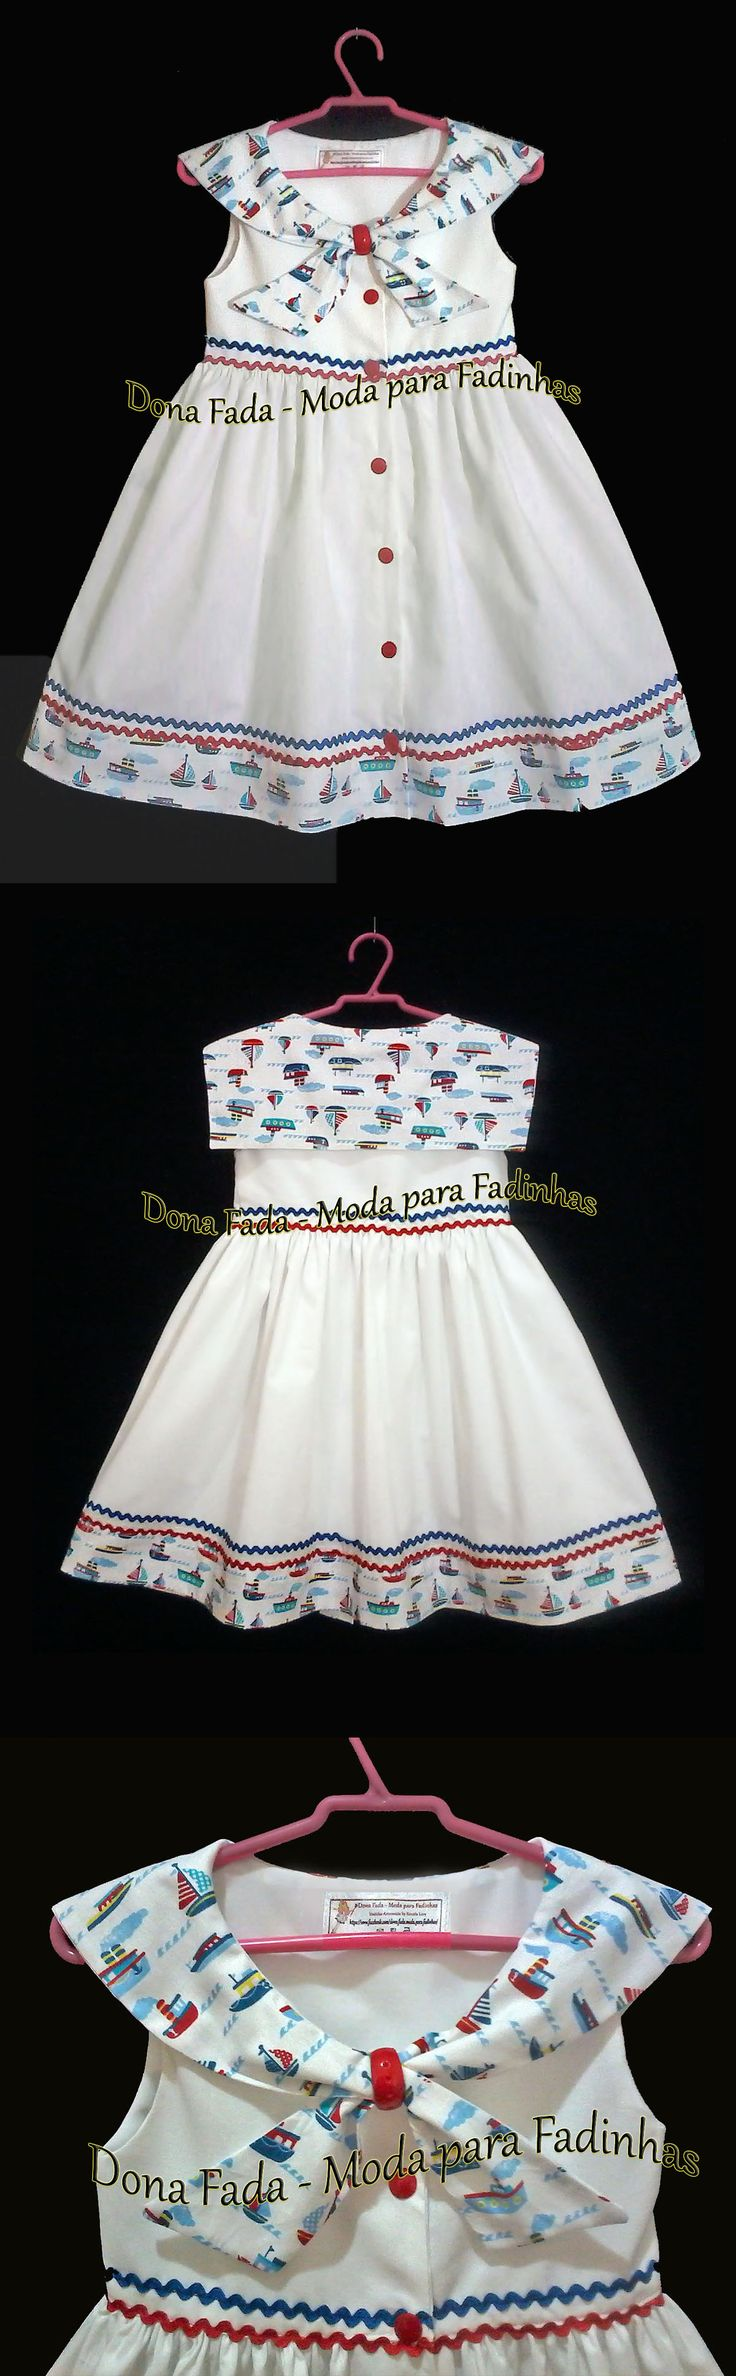 Vestido Marinheiro - 2 anos_______________baby - infant - toddler - kids - clothes for girls - - - https://www.facebook.com/dona.fada.moda.para.fadinhas/